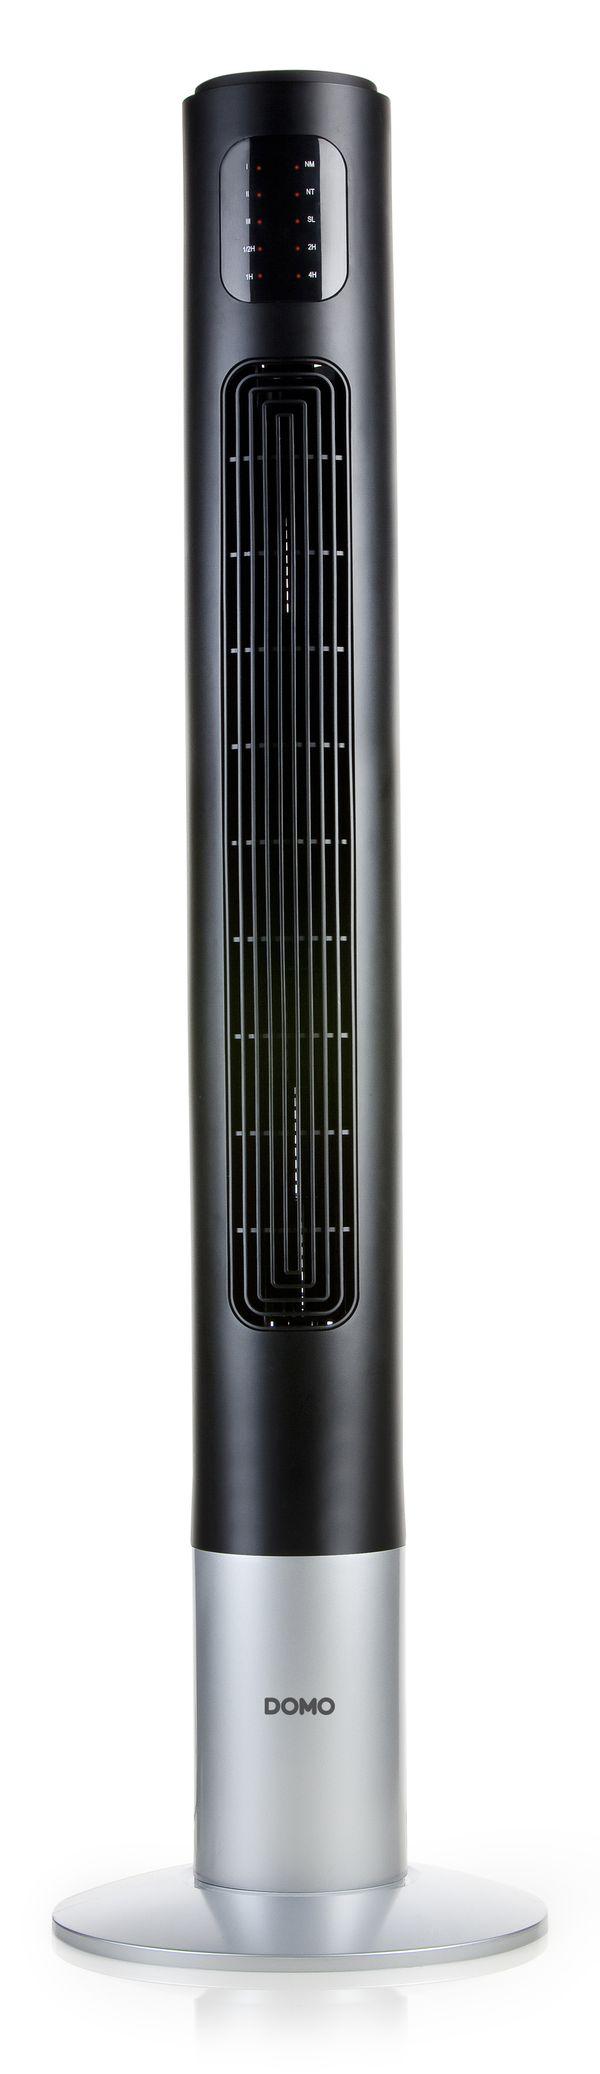 Ventilátor sloupový - s dálkovým ovládáním - DOMO DO8123 + doprava zdarma